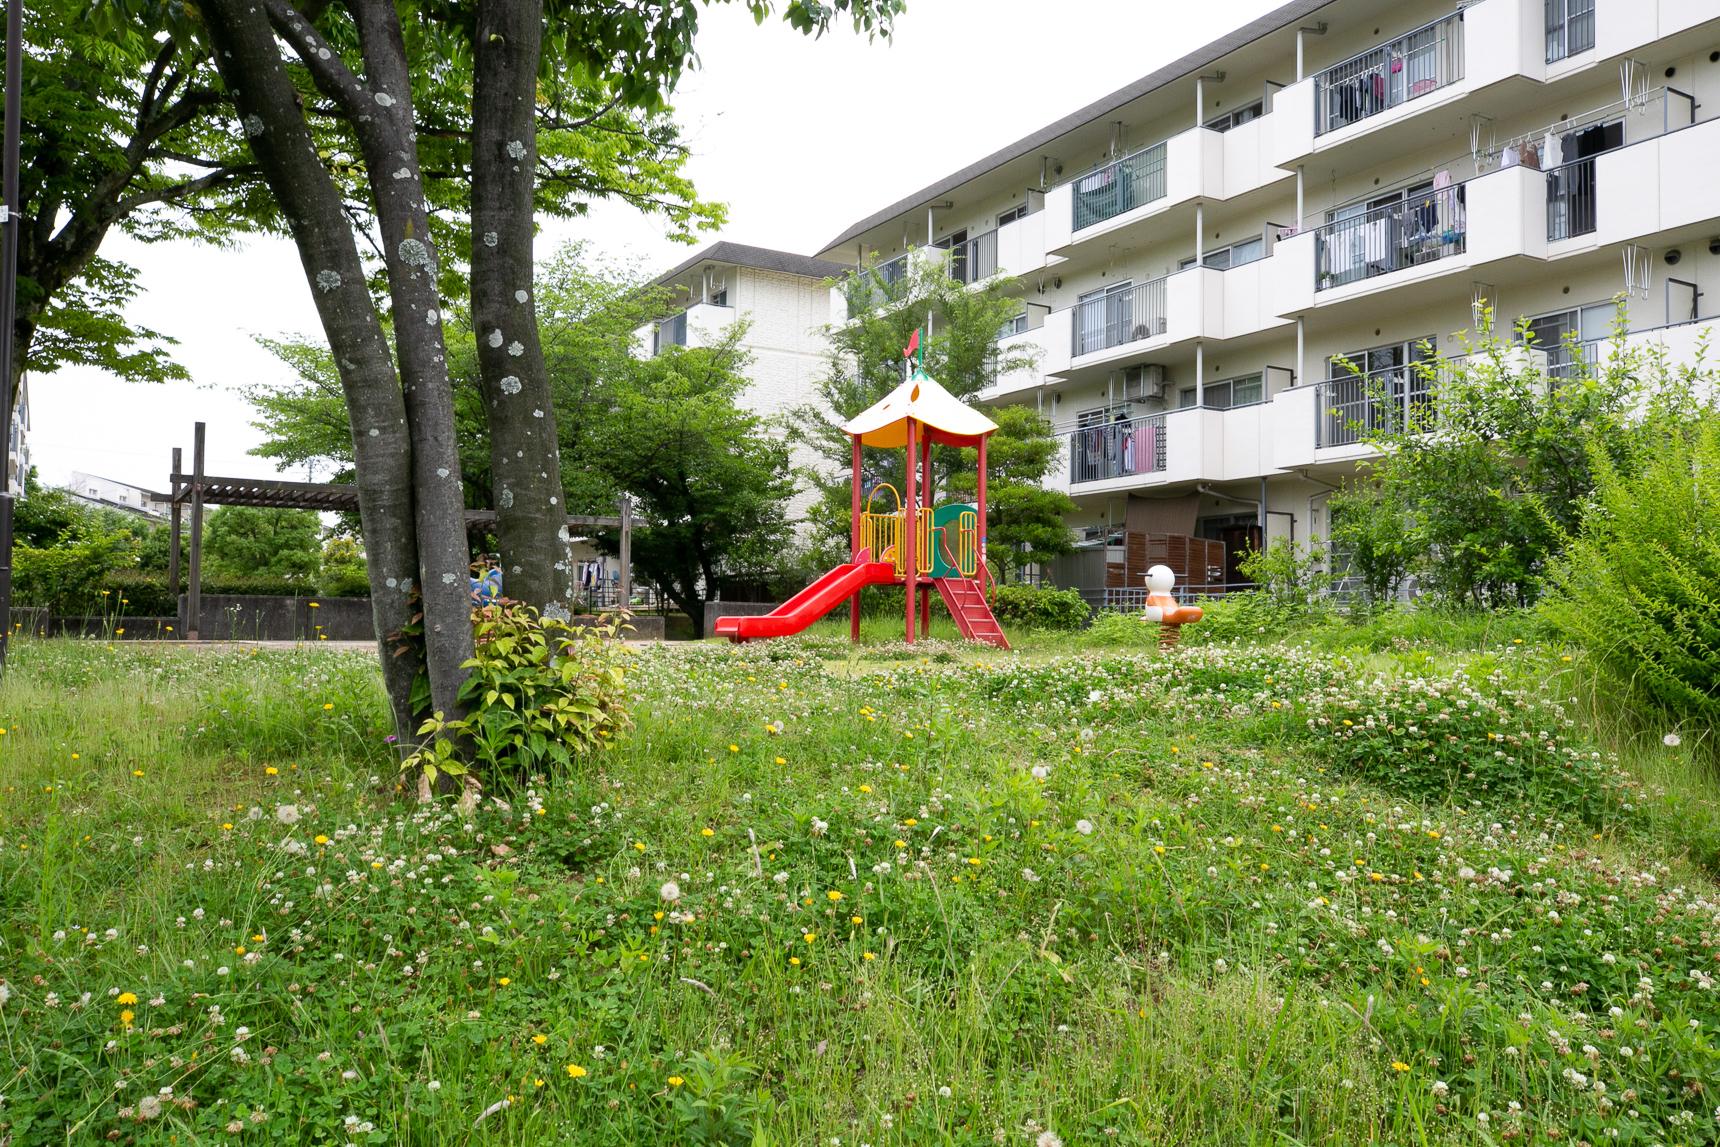 団地の敷地内にも、ちょっとした遊び場がいろんなところに設けられています